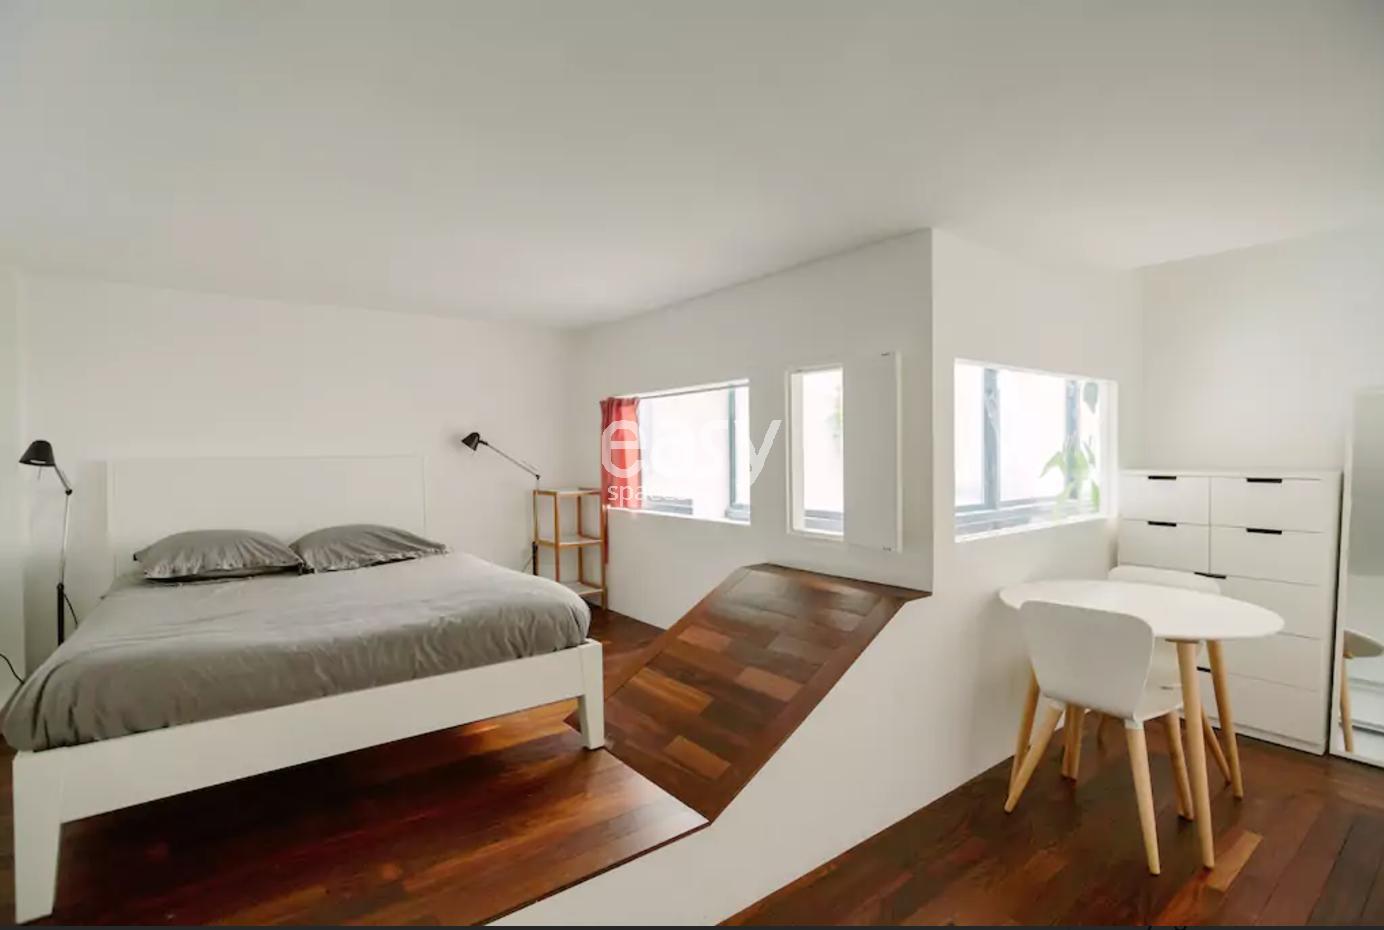 Loft contemporain pour tournage paris lieux lieu louer pour tournage dans l - Comment louer sa maison ...